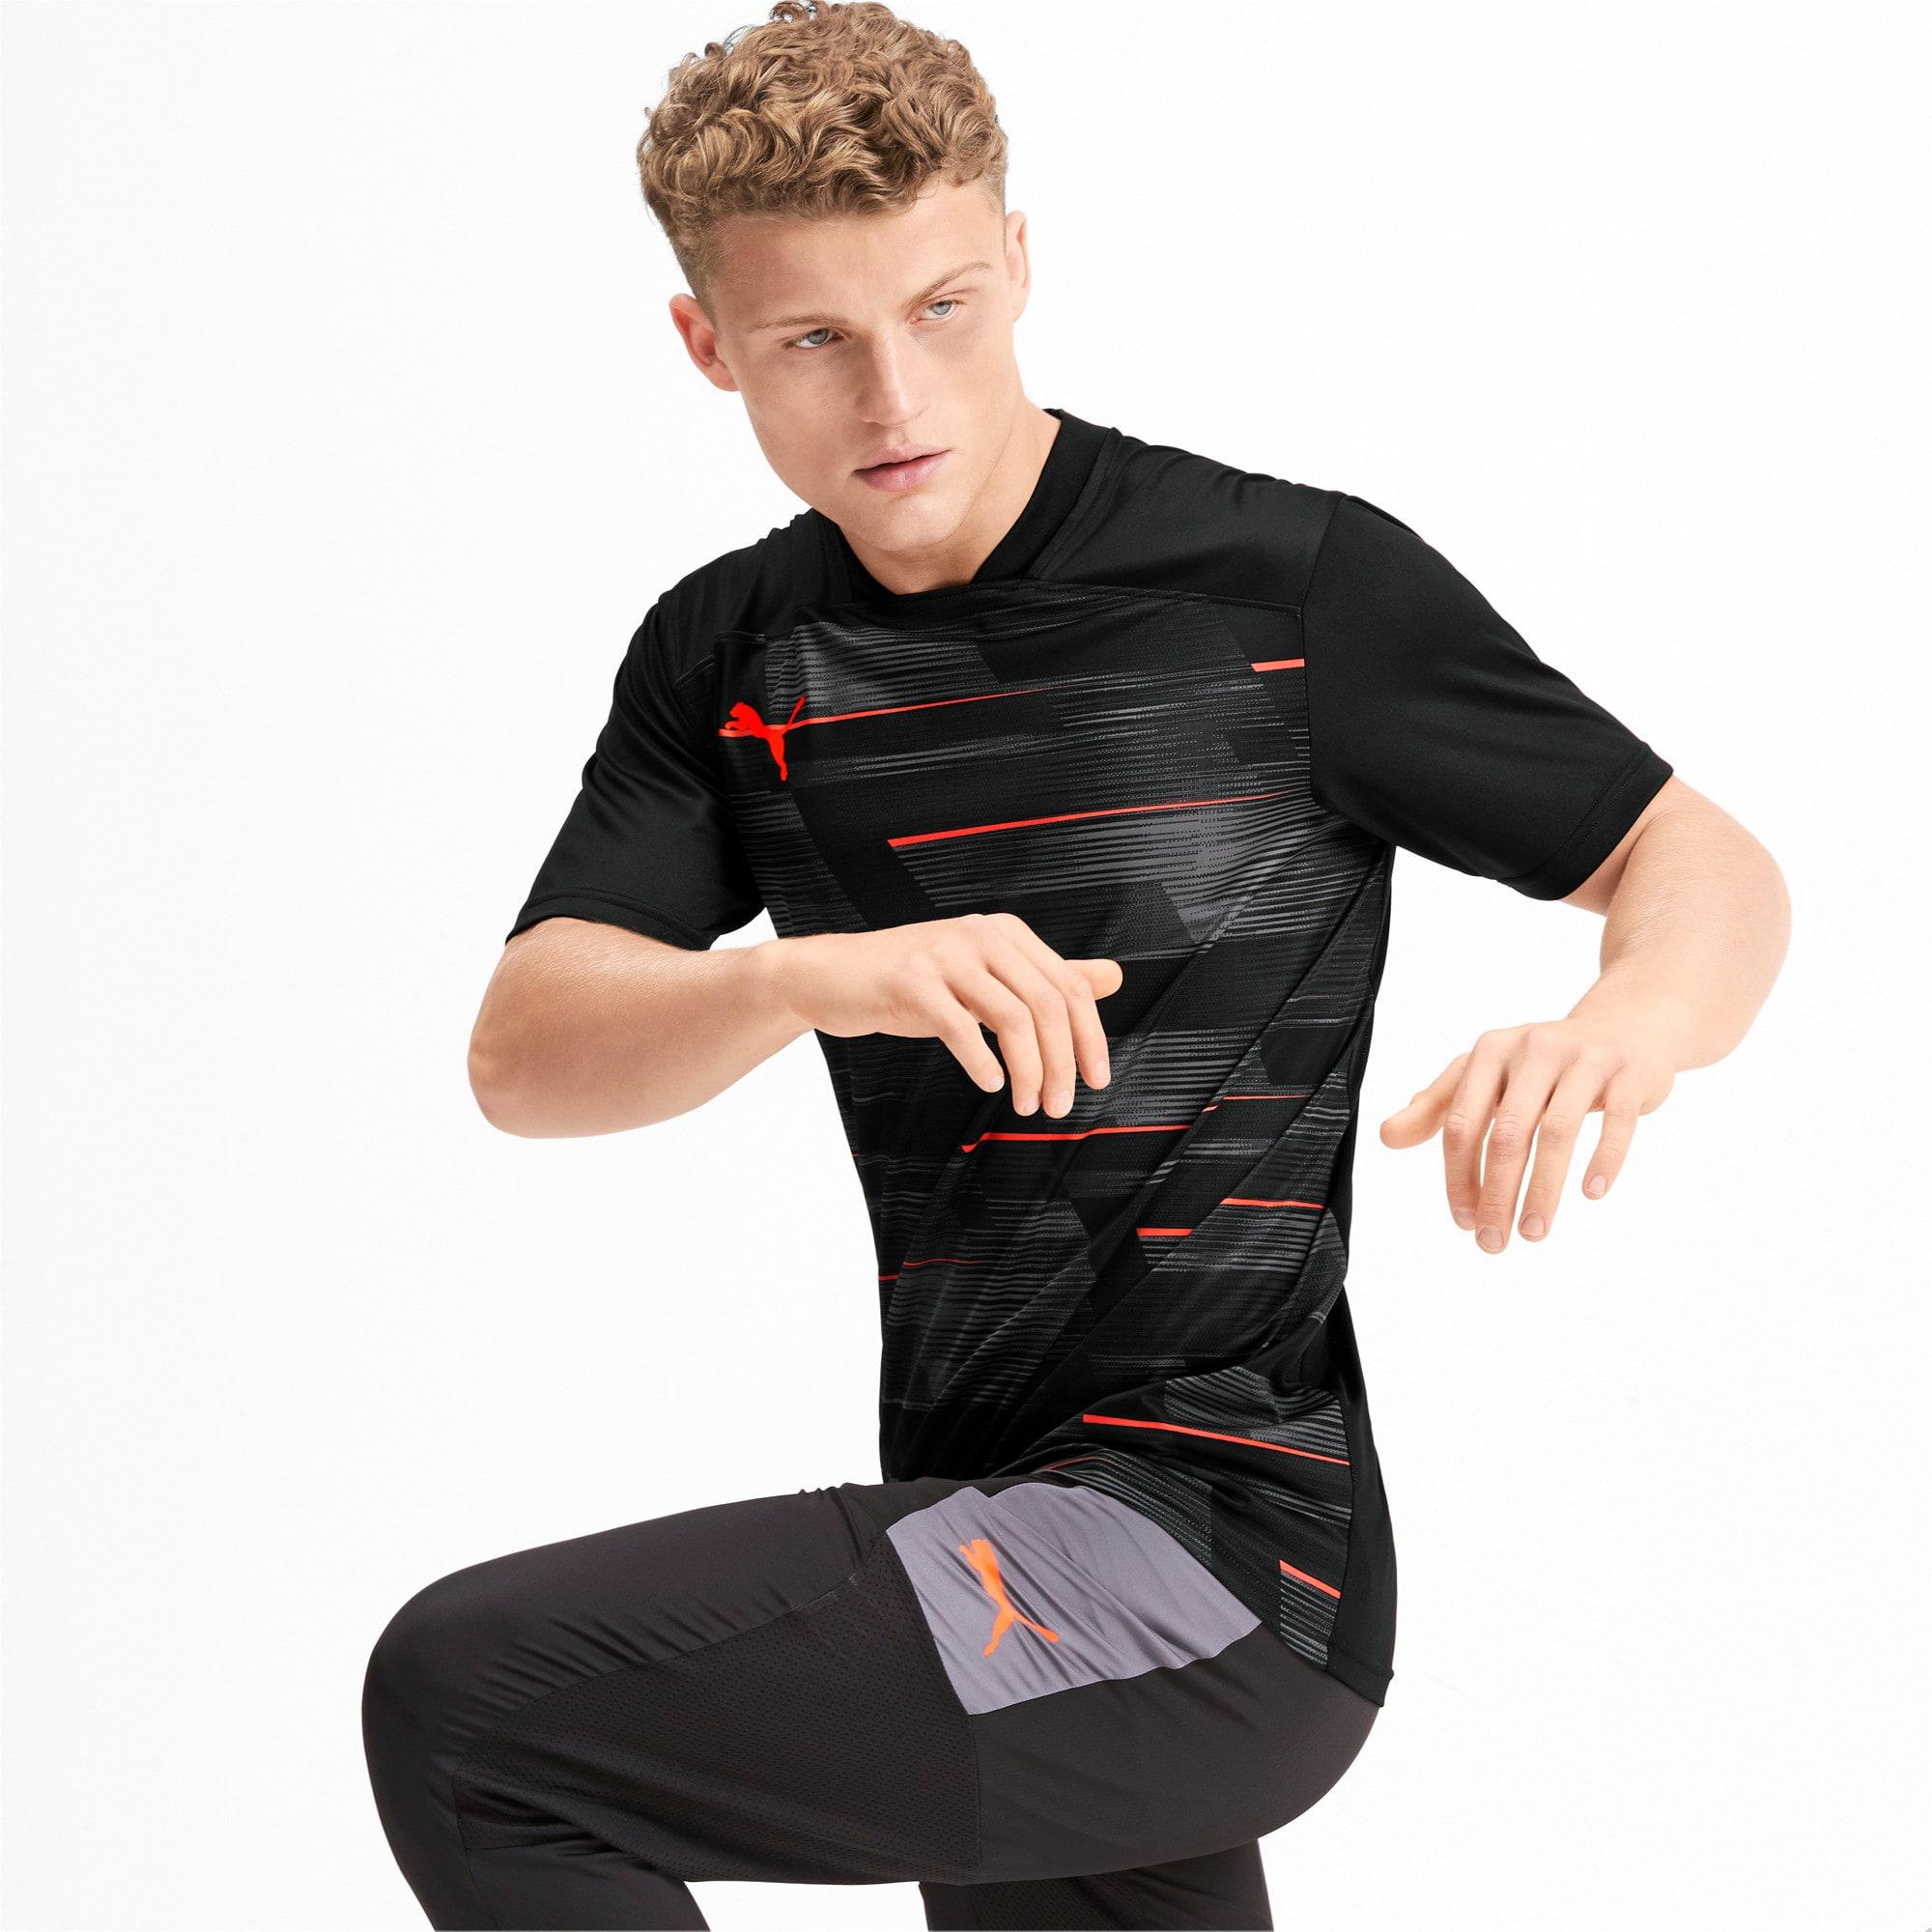 Miniatura 1 de Camiseta estampada ftblNXT para hombre, Puma Black-Nrgy Red, mediano